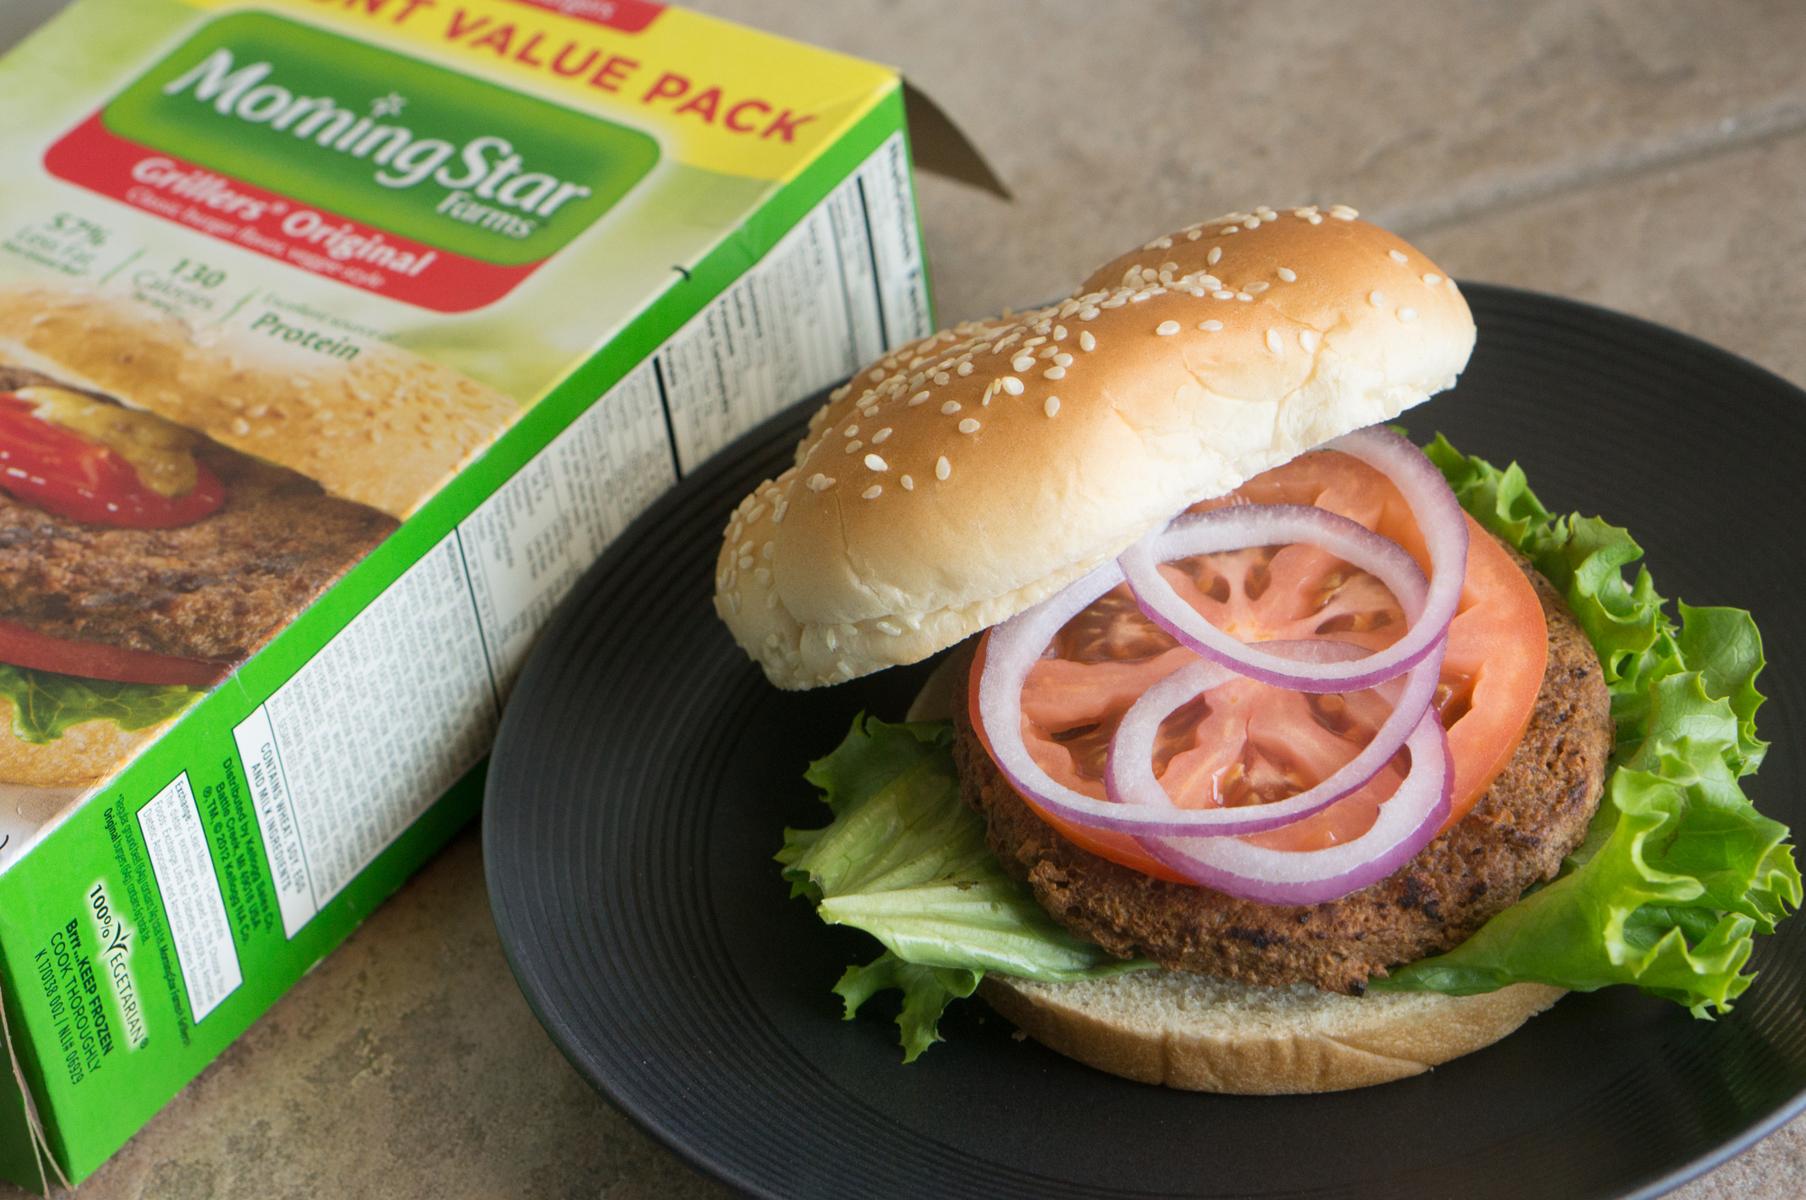 Morning Star Veggie Burger